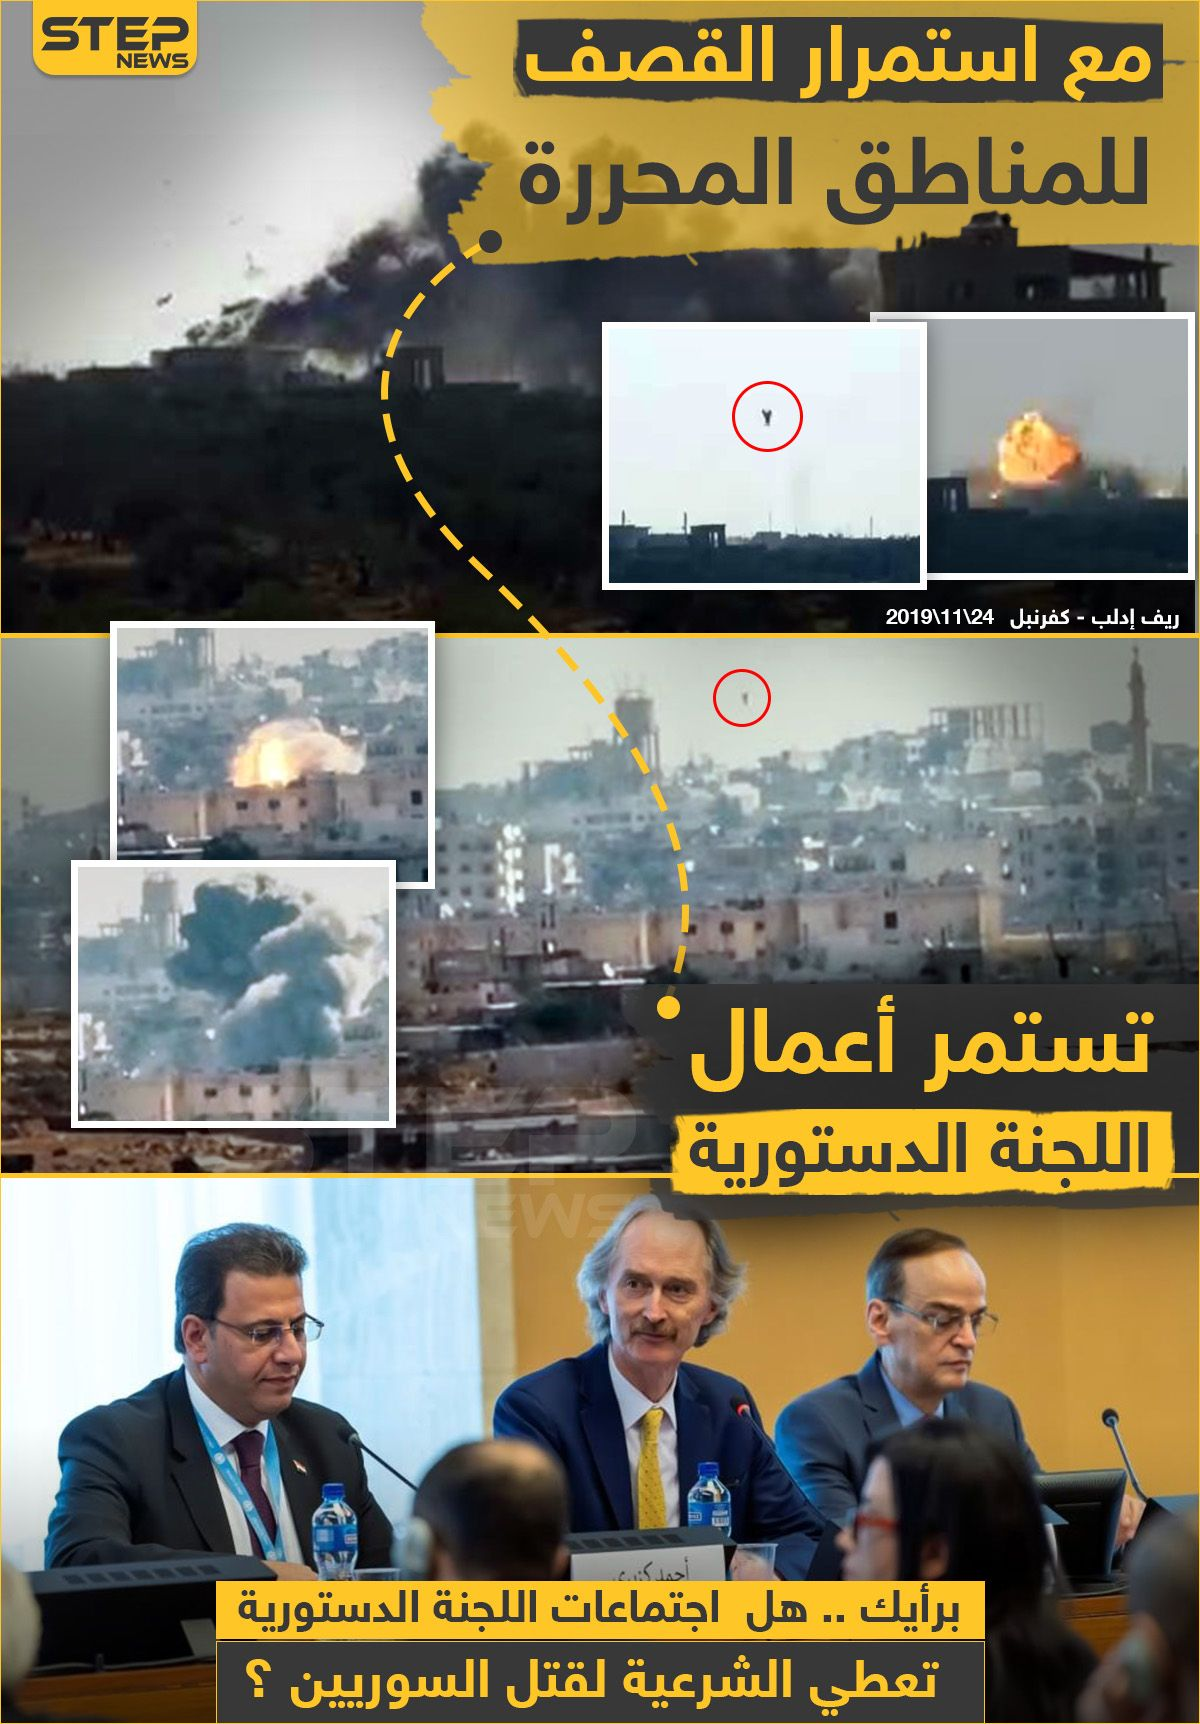 اللجنة الدستورية وقصف إدلب Movies Movie Posters Poster